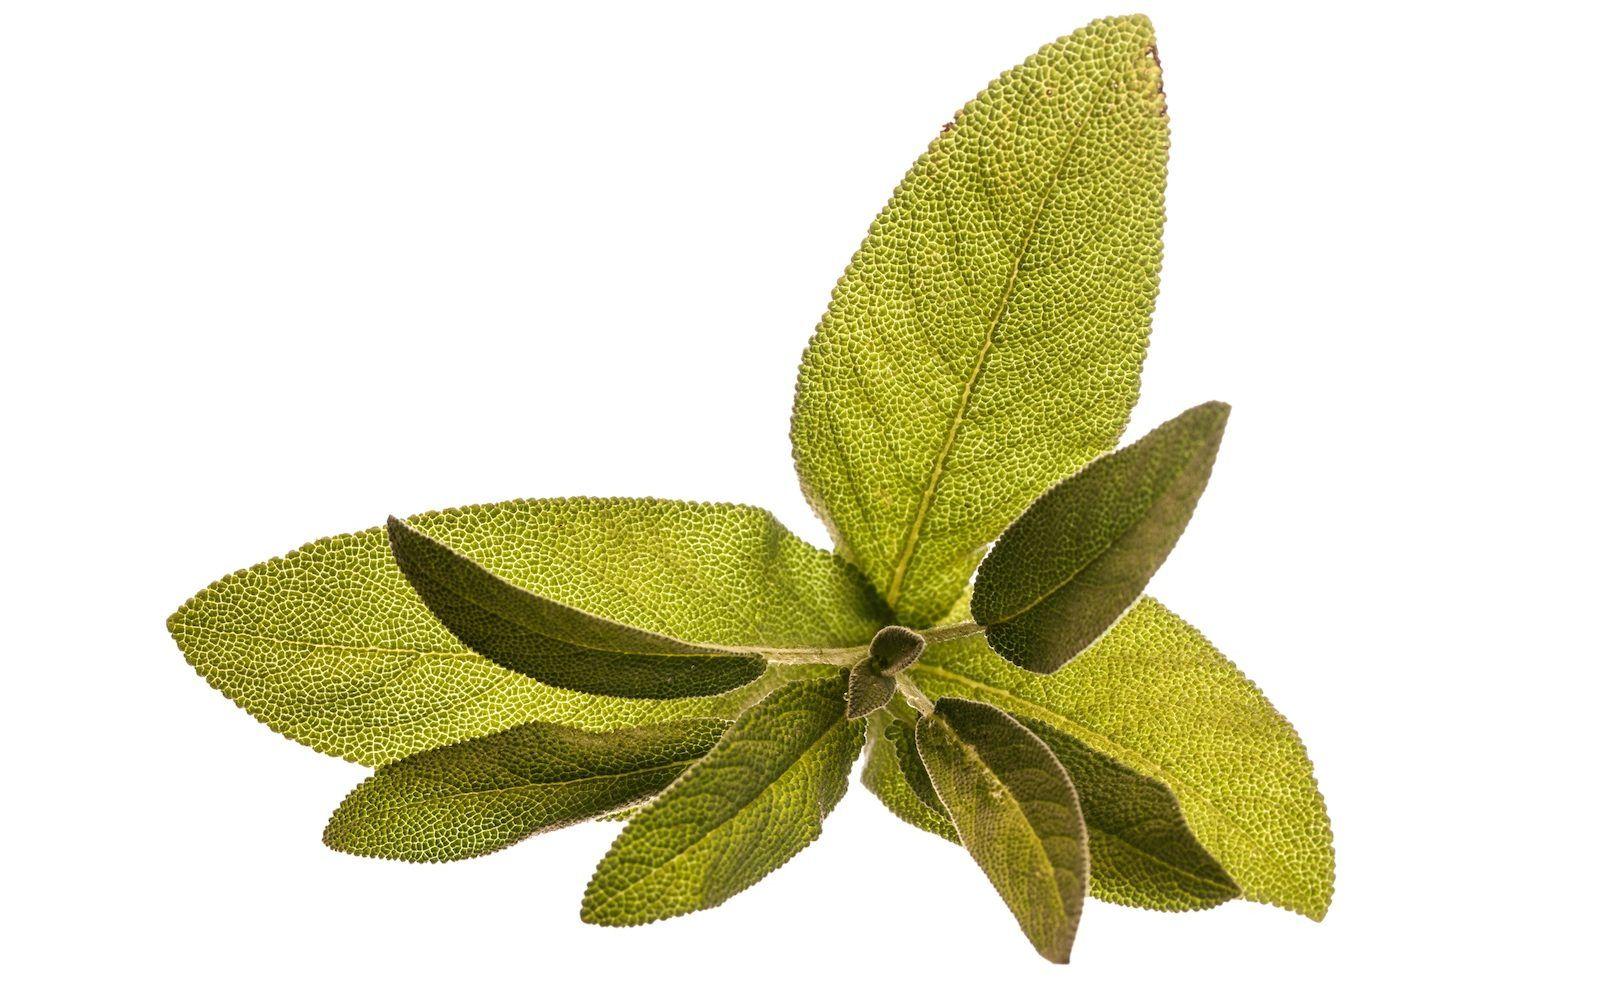 Salbei (lat. Salvia officinalis) ist das Heilkraut unter den mediterranen Gewürzkräutern. Saltimbocca gegen Herpes?